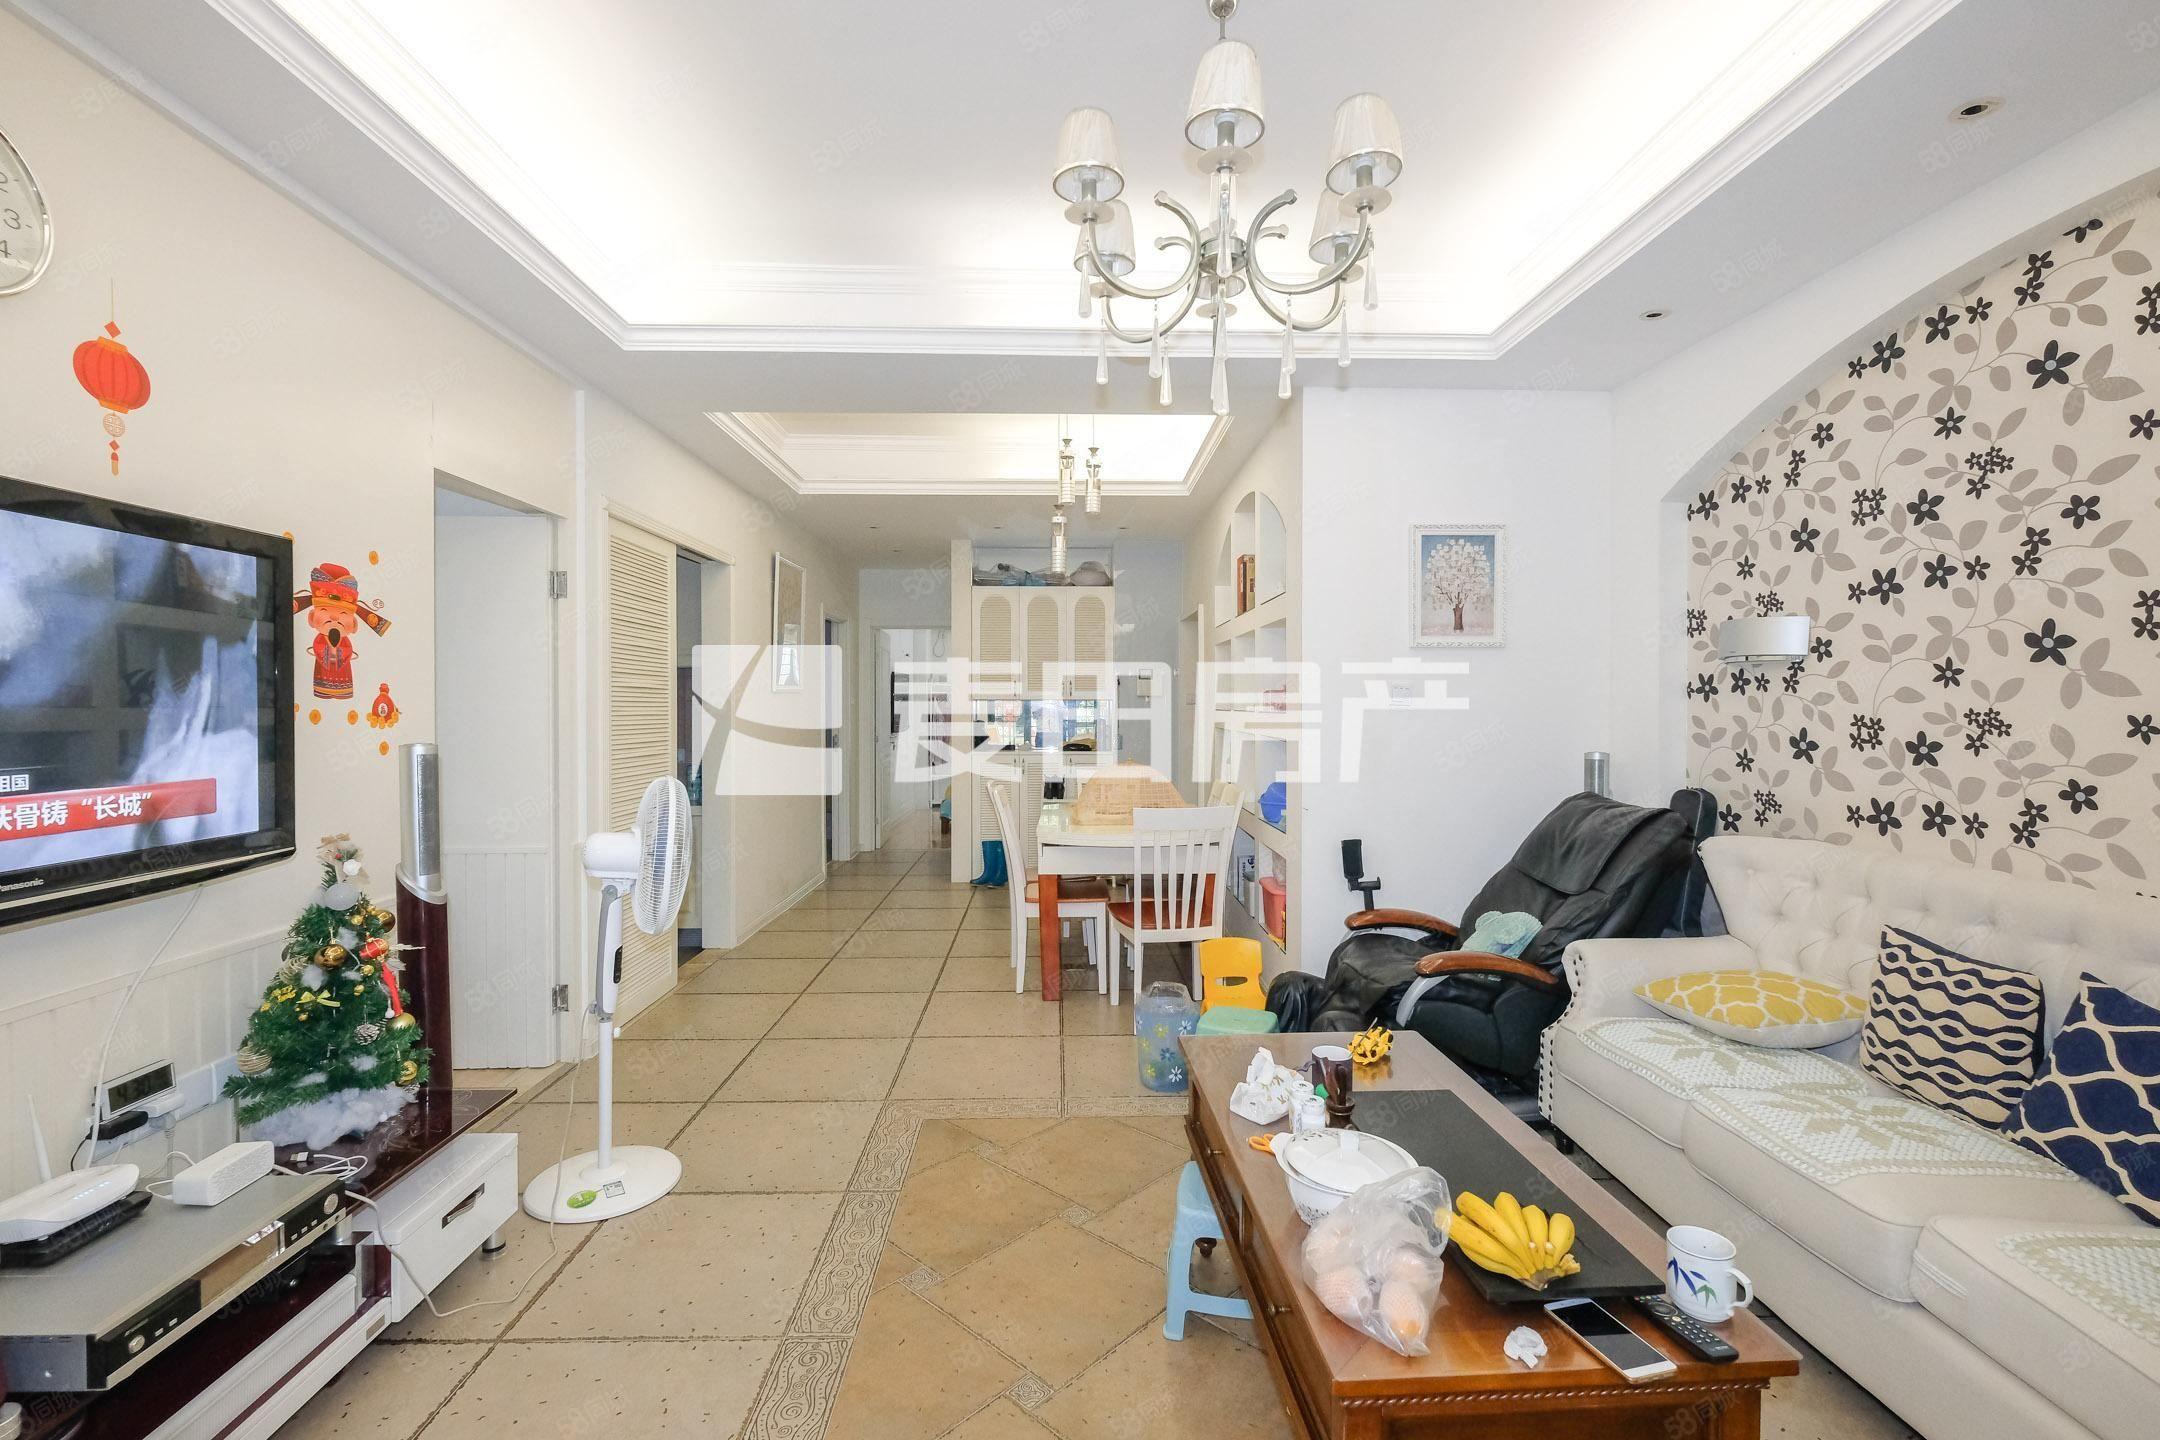 融侨物业,花园社区,稀有出售,白色调精装3房,居家养老佳选